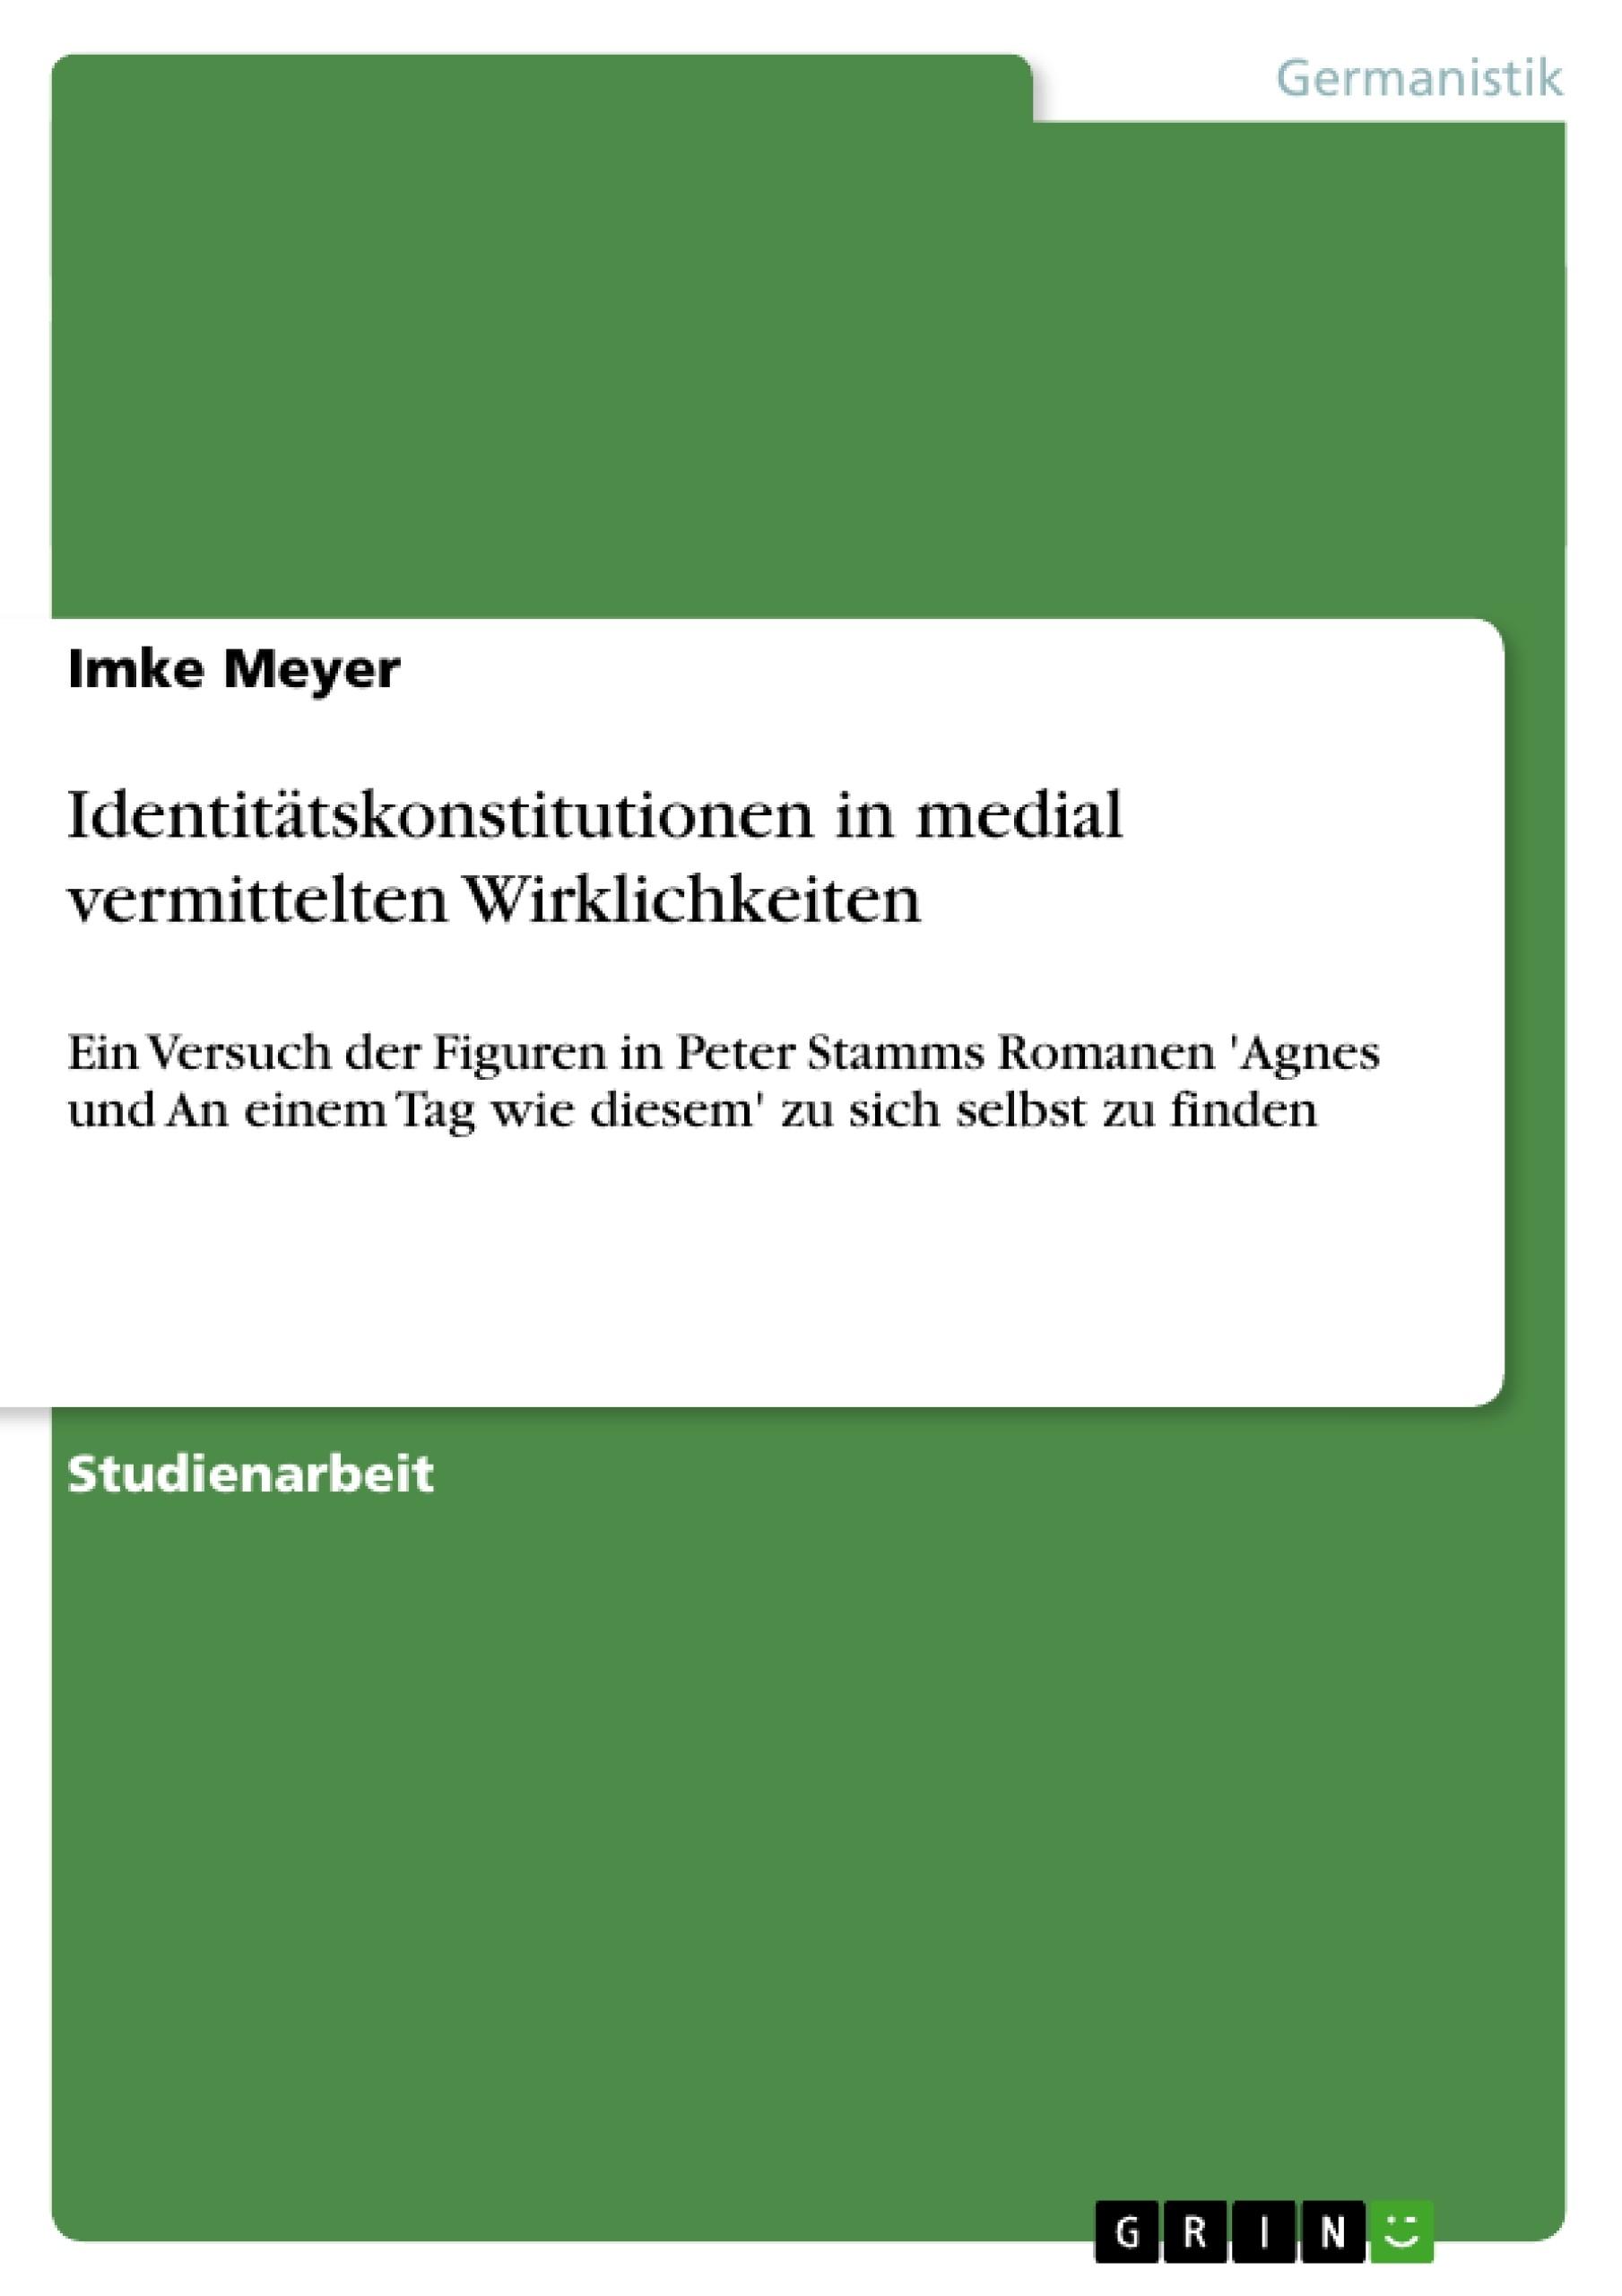 Titel: Identitätskonstitutionen in medial vermittelten Wirklichkeiten